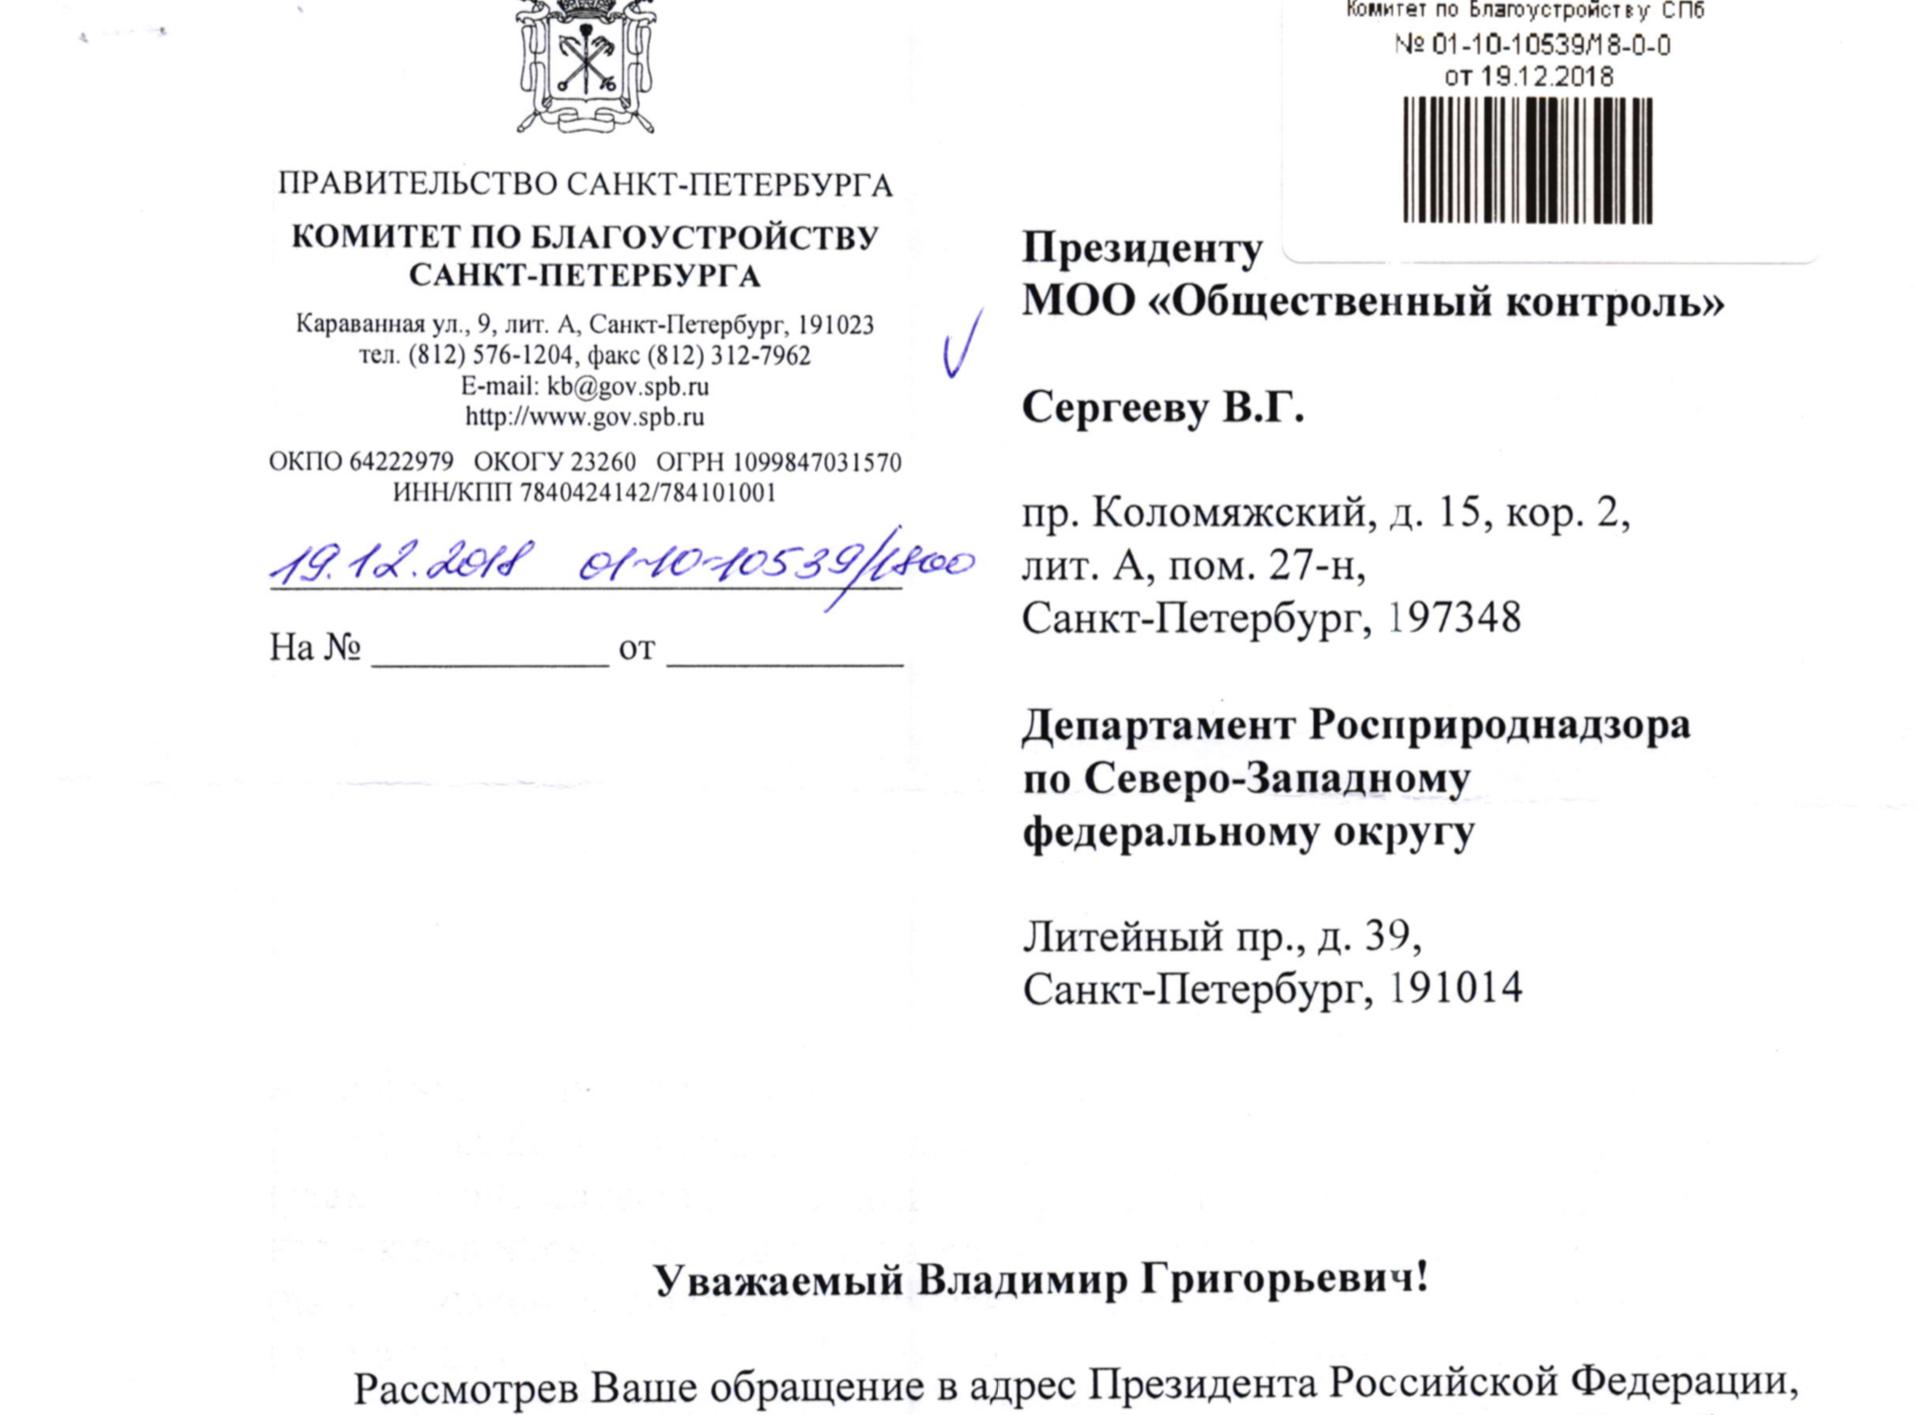 Ответ заместителя председателя Комитета по благоустройству Правительства Санкт-Петербурга Пащенко К.А. на обращение в адрес Президента Российской Федерации, поступившее в Комитет из Департамента Росприроднадзора по СЗФО, по вопросу несанкционированной свалки в парке Сосновка.